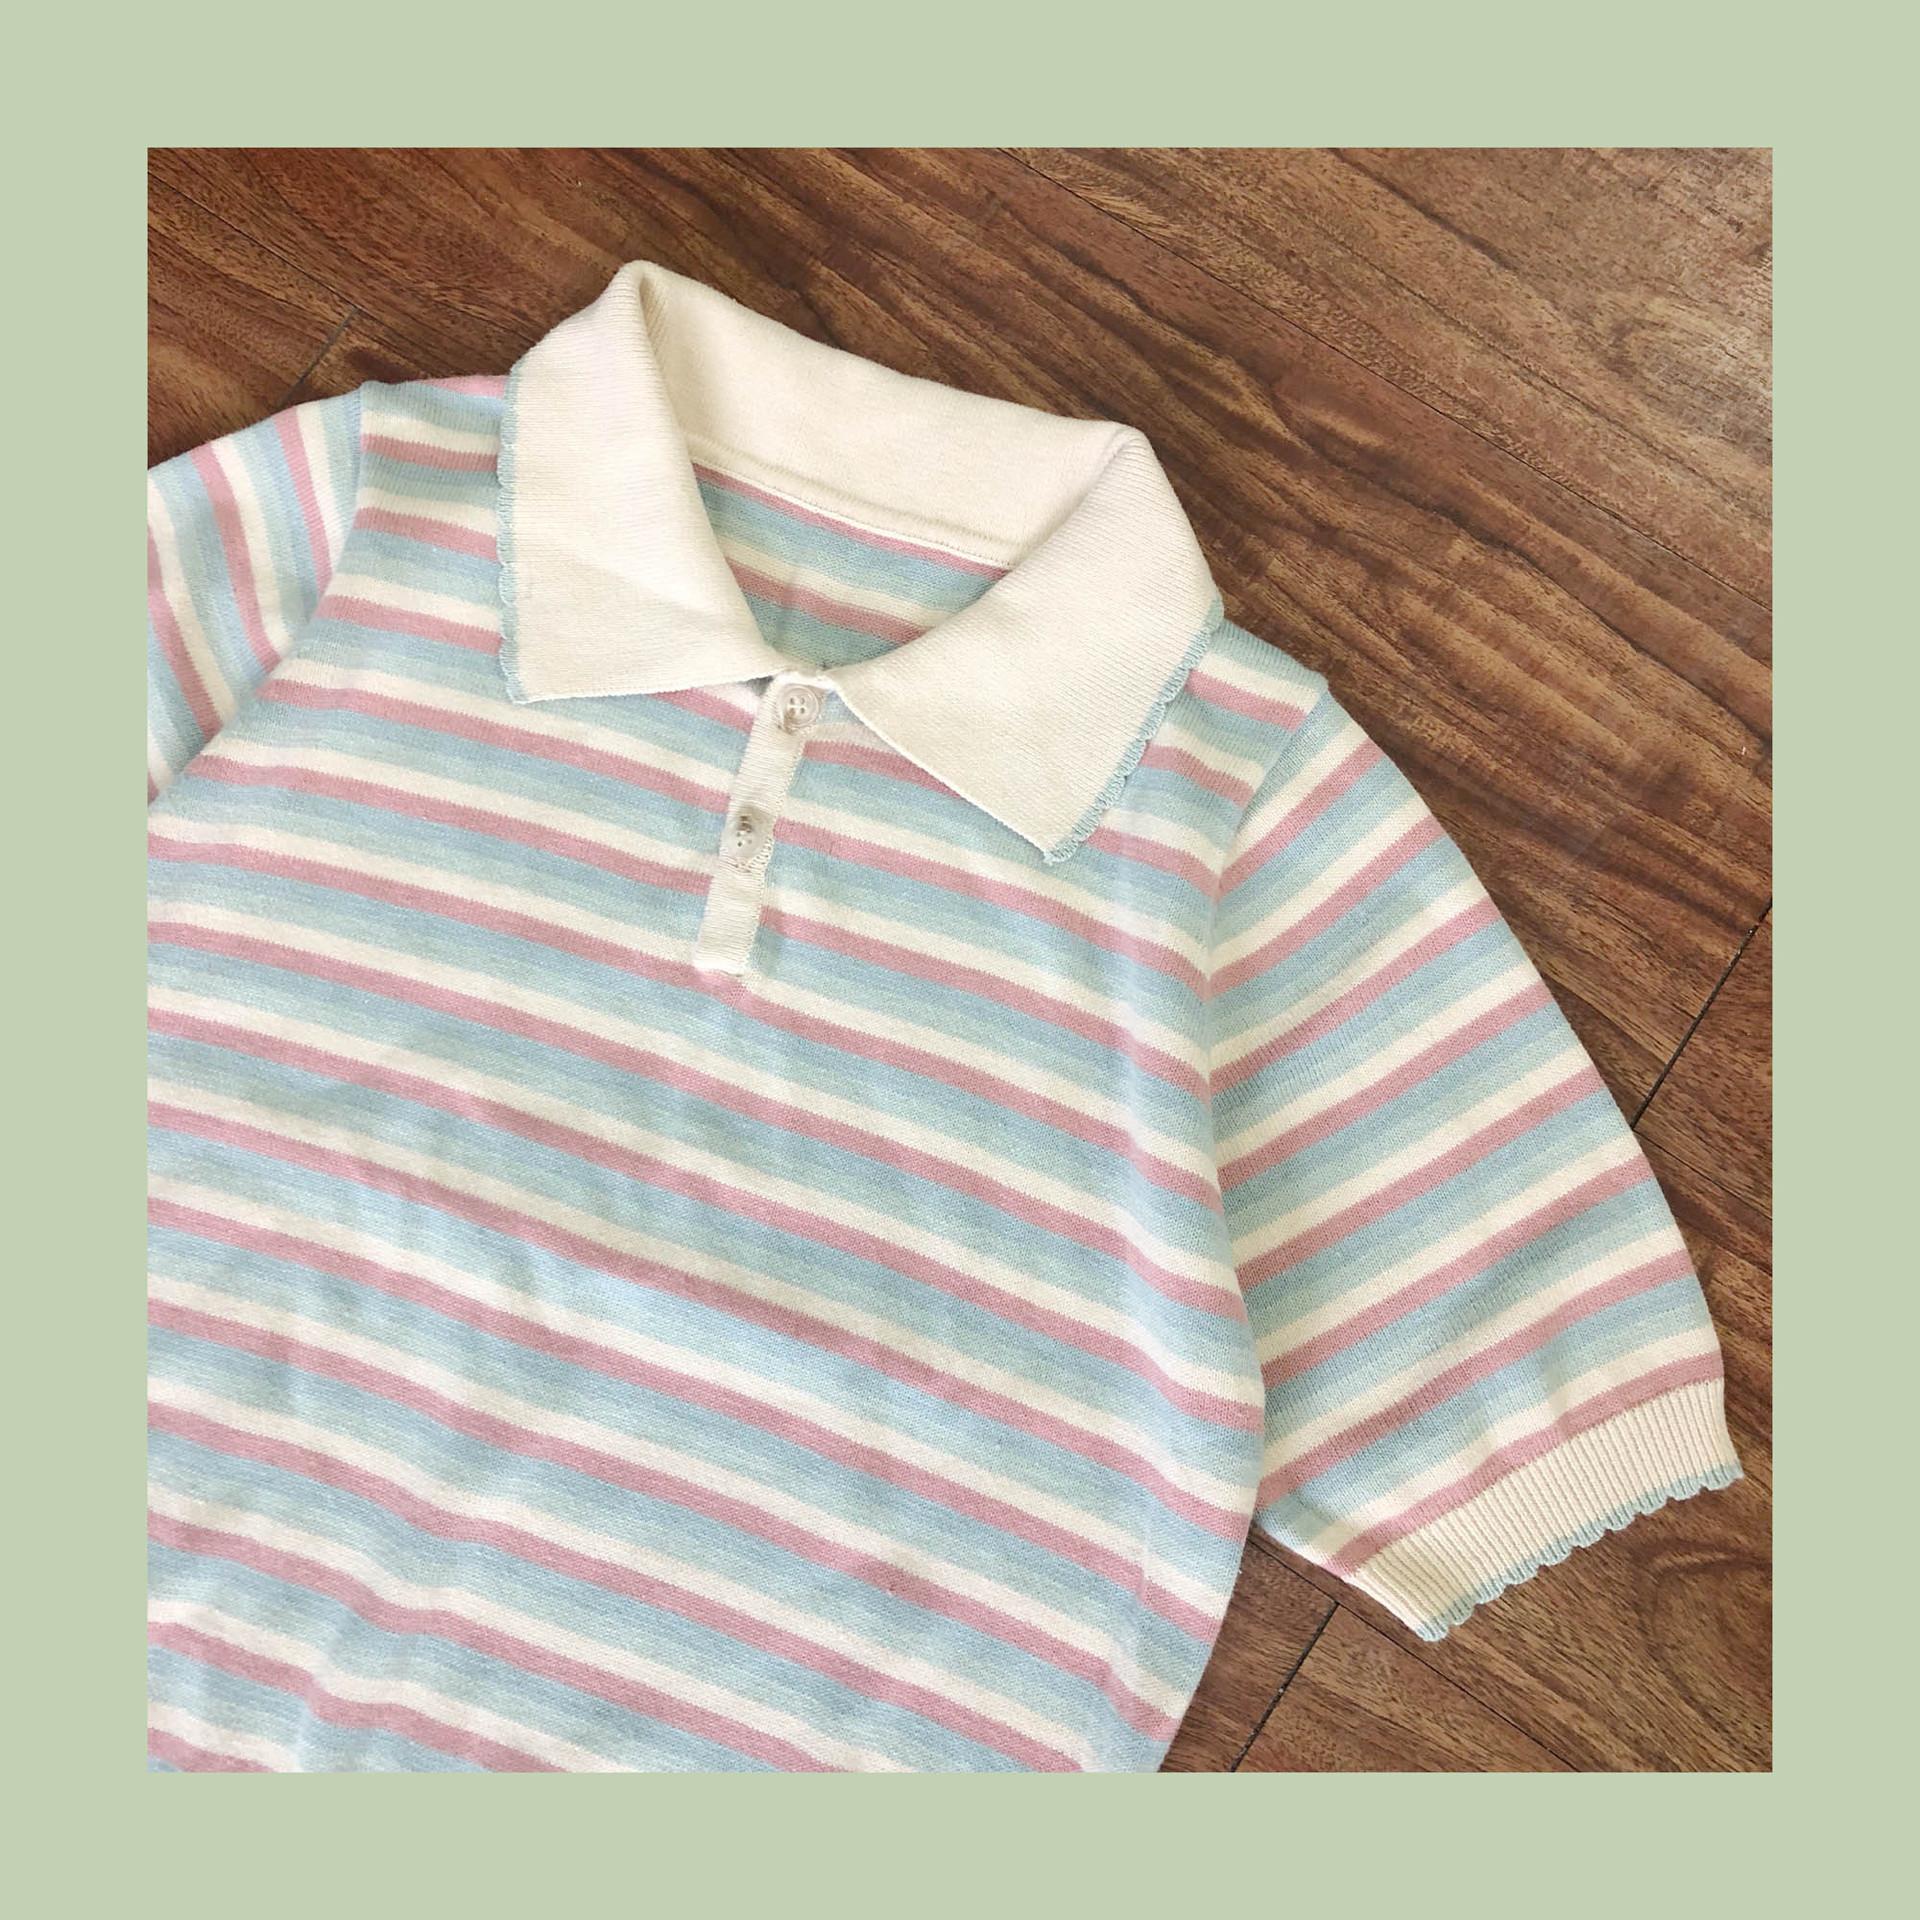 2019春新品彩色条纹短袖高腰纯棉针织衫